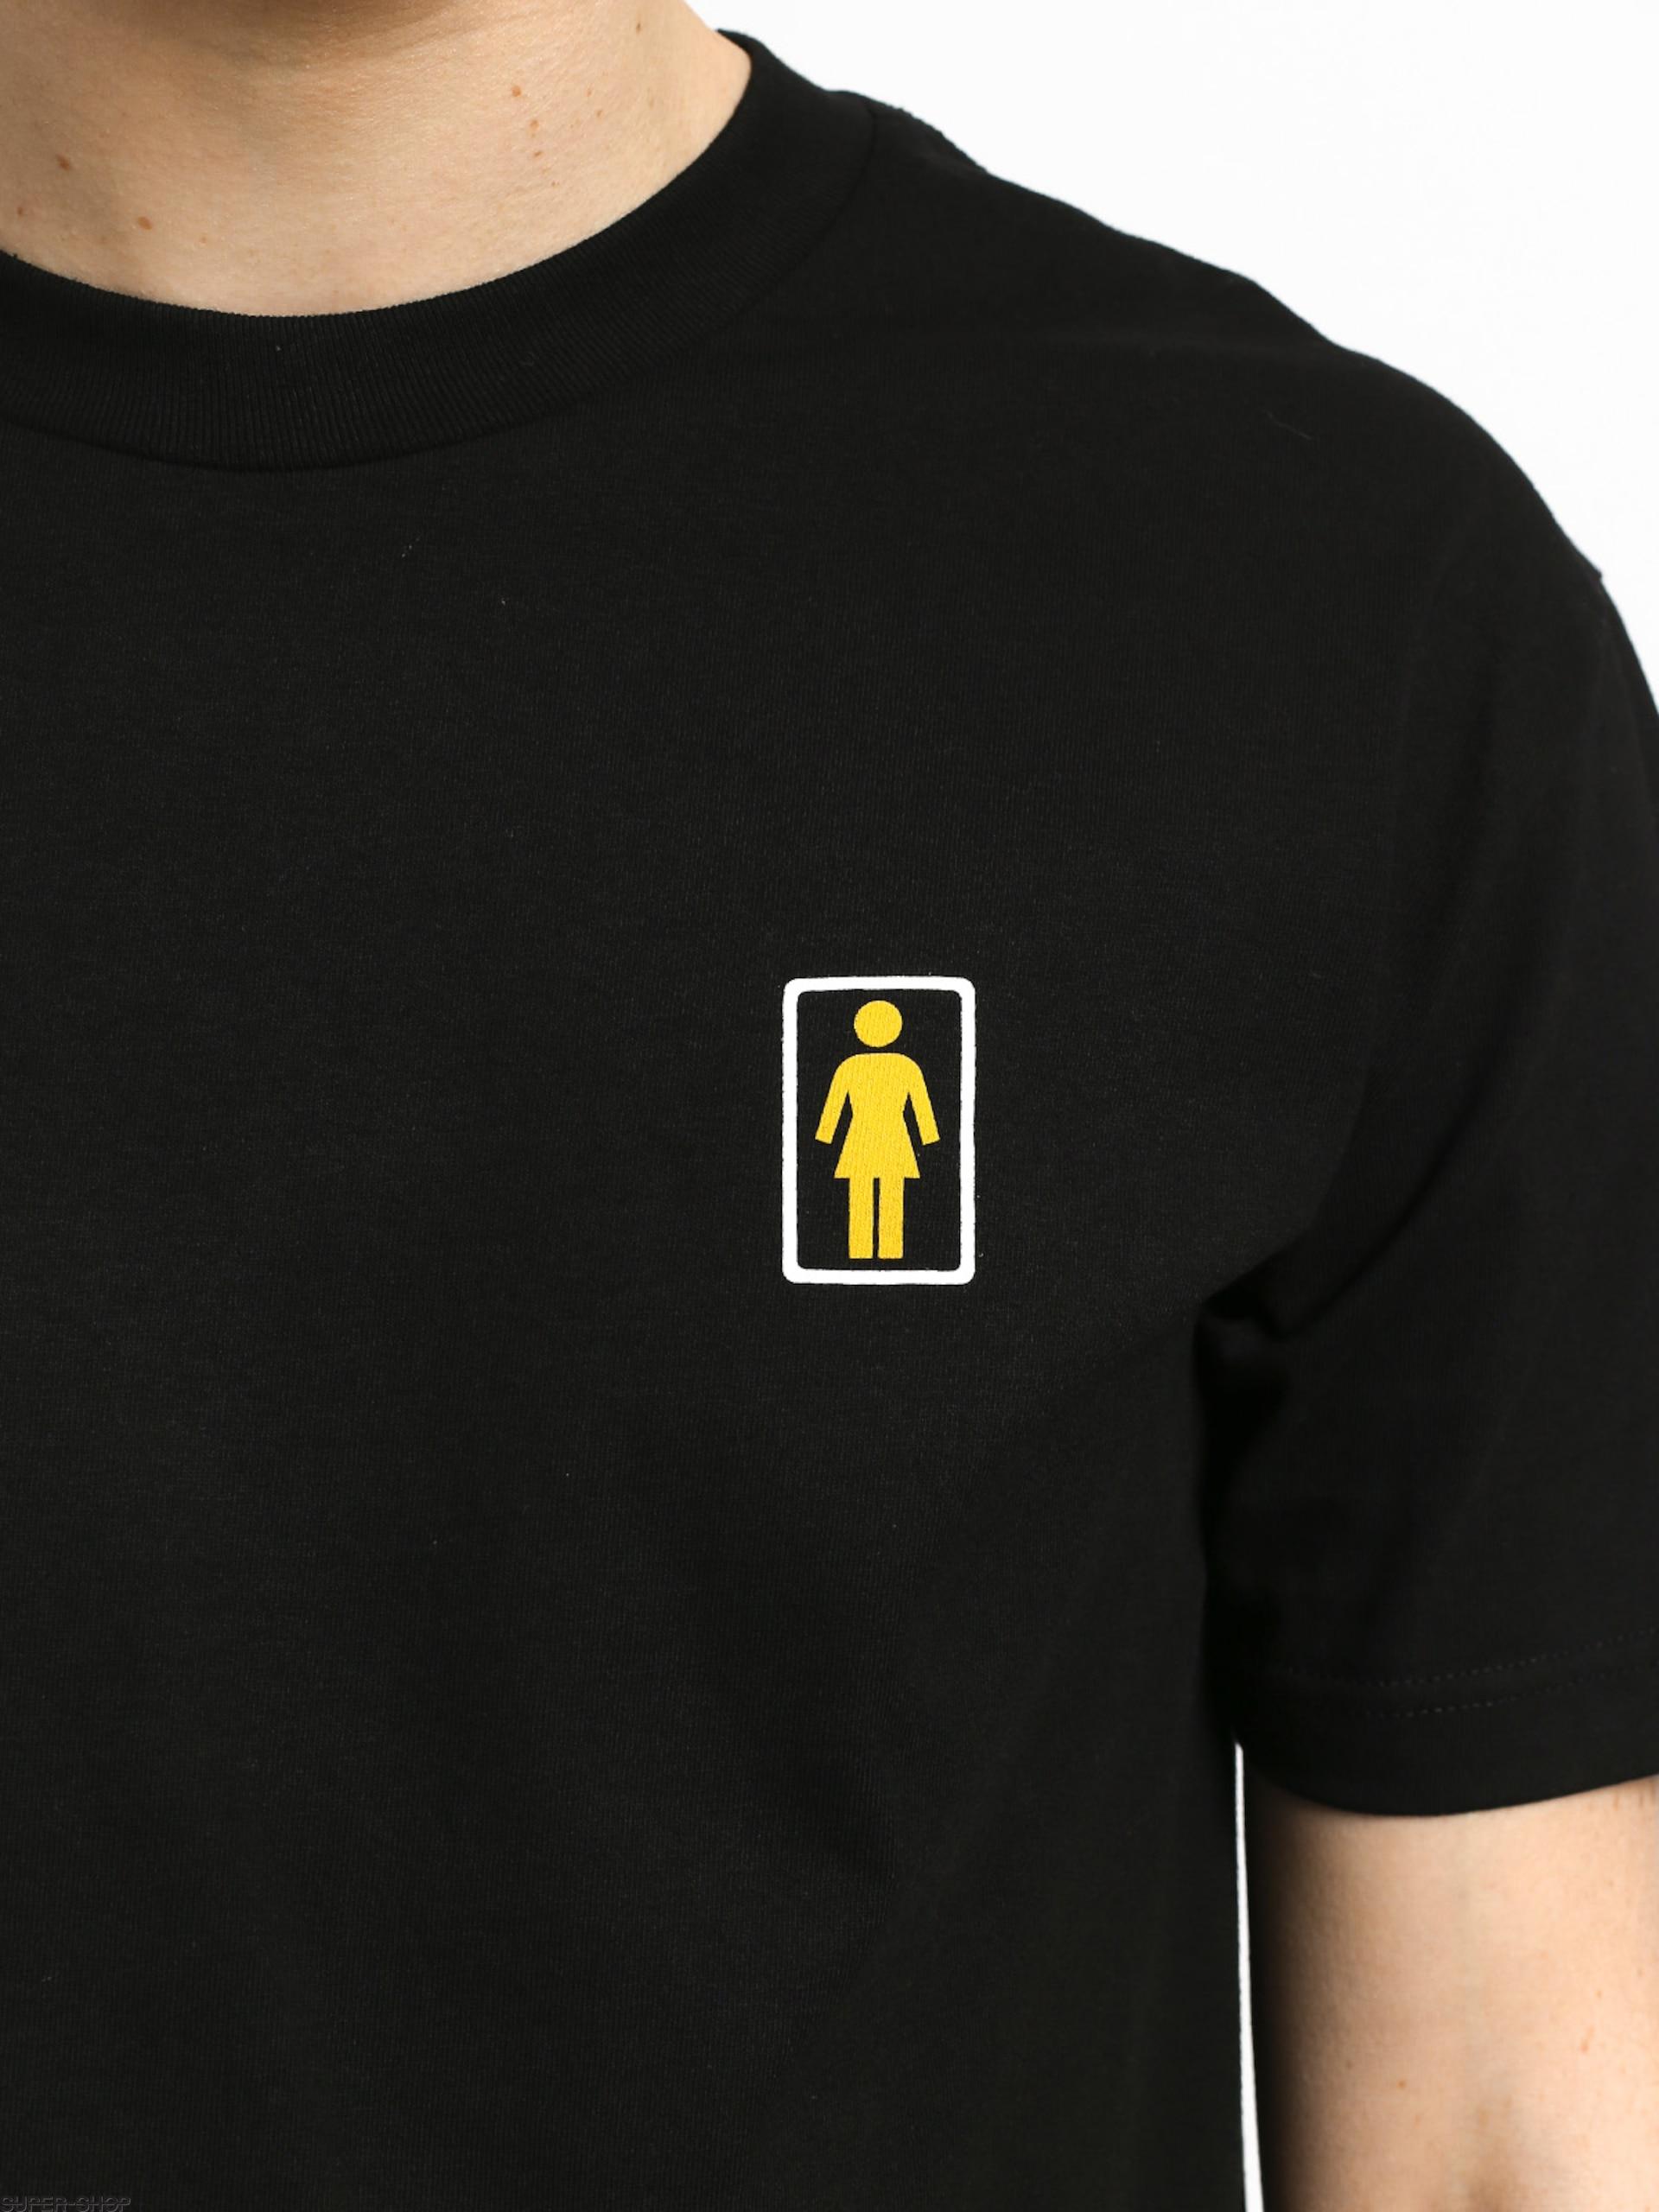 Girl Skateboard Kodak Gold 400 T-shirt (black)